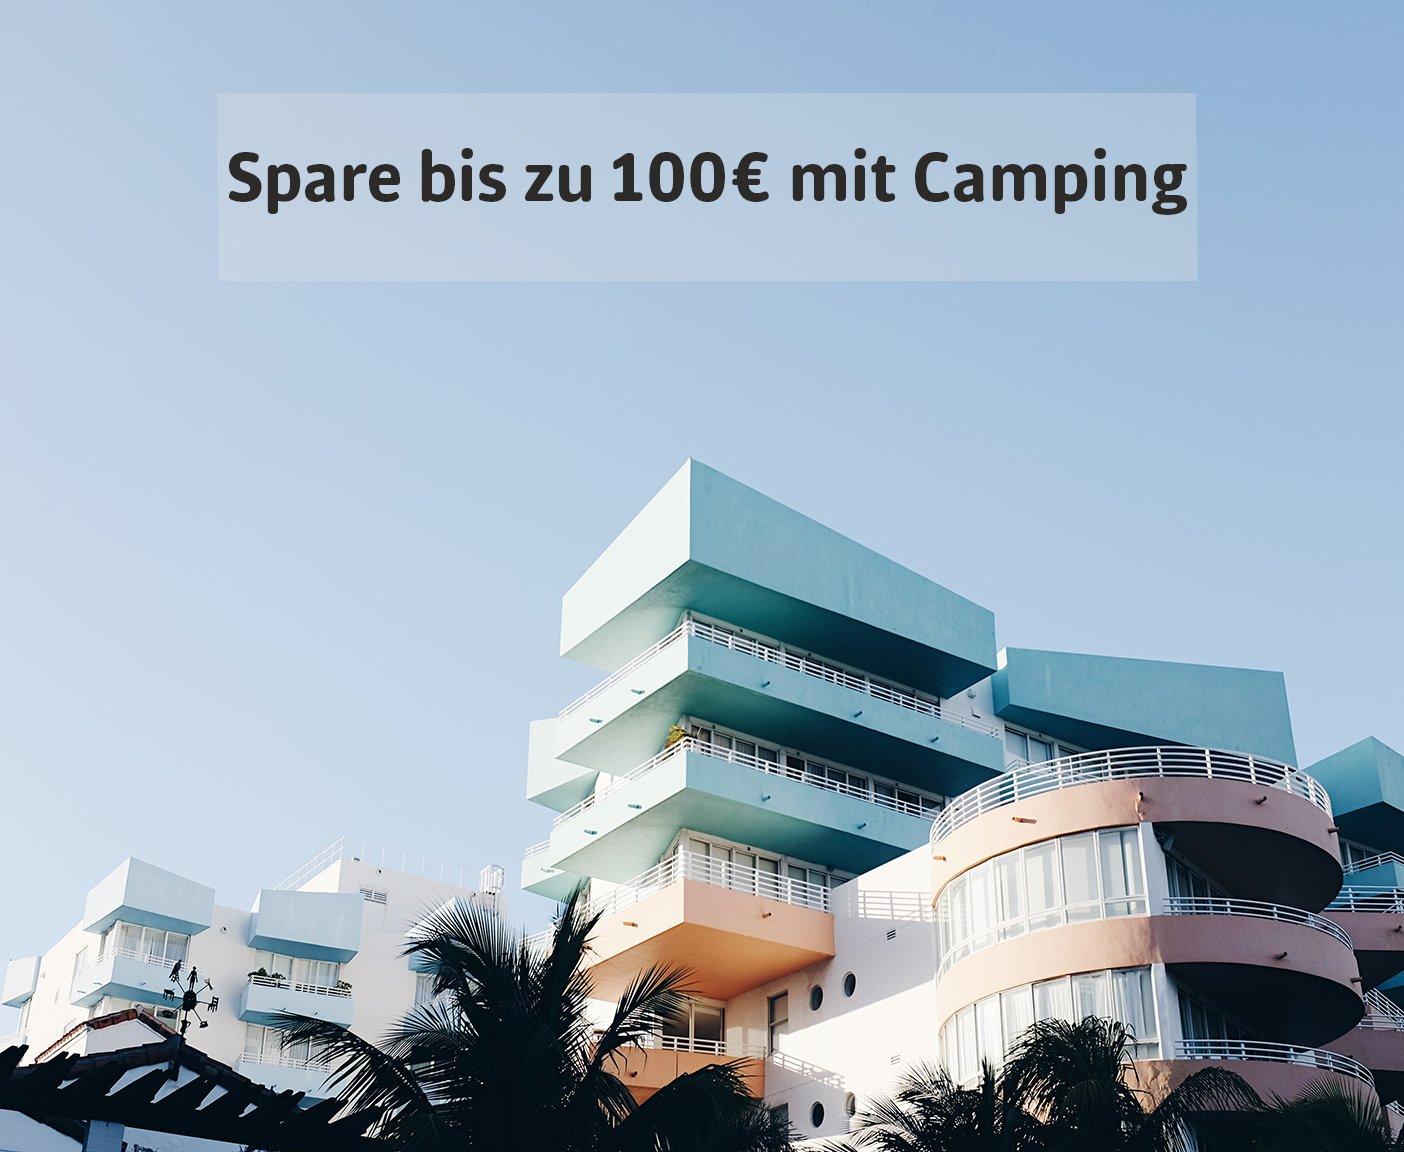 VW Bus mieten Sparpotential durch Camping im Vergleich zum Hotelurlaub